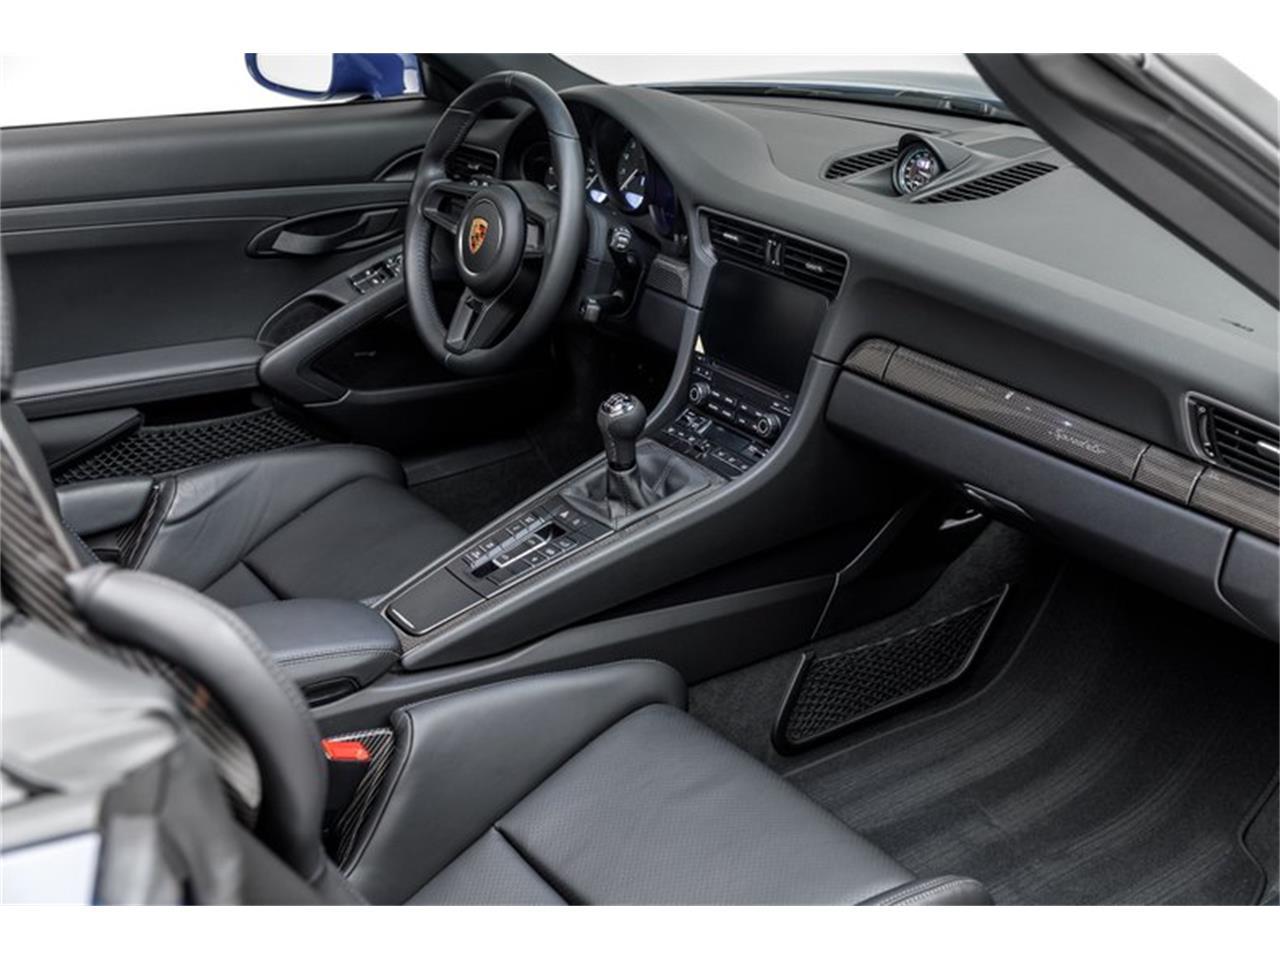 2019 Porsche 911 (CC-1386810) for sale in Costa Mesa, California